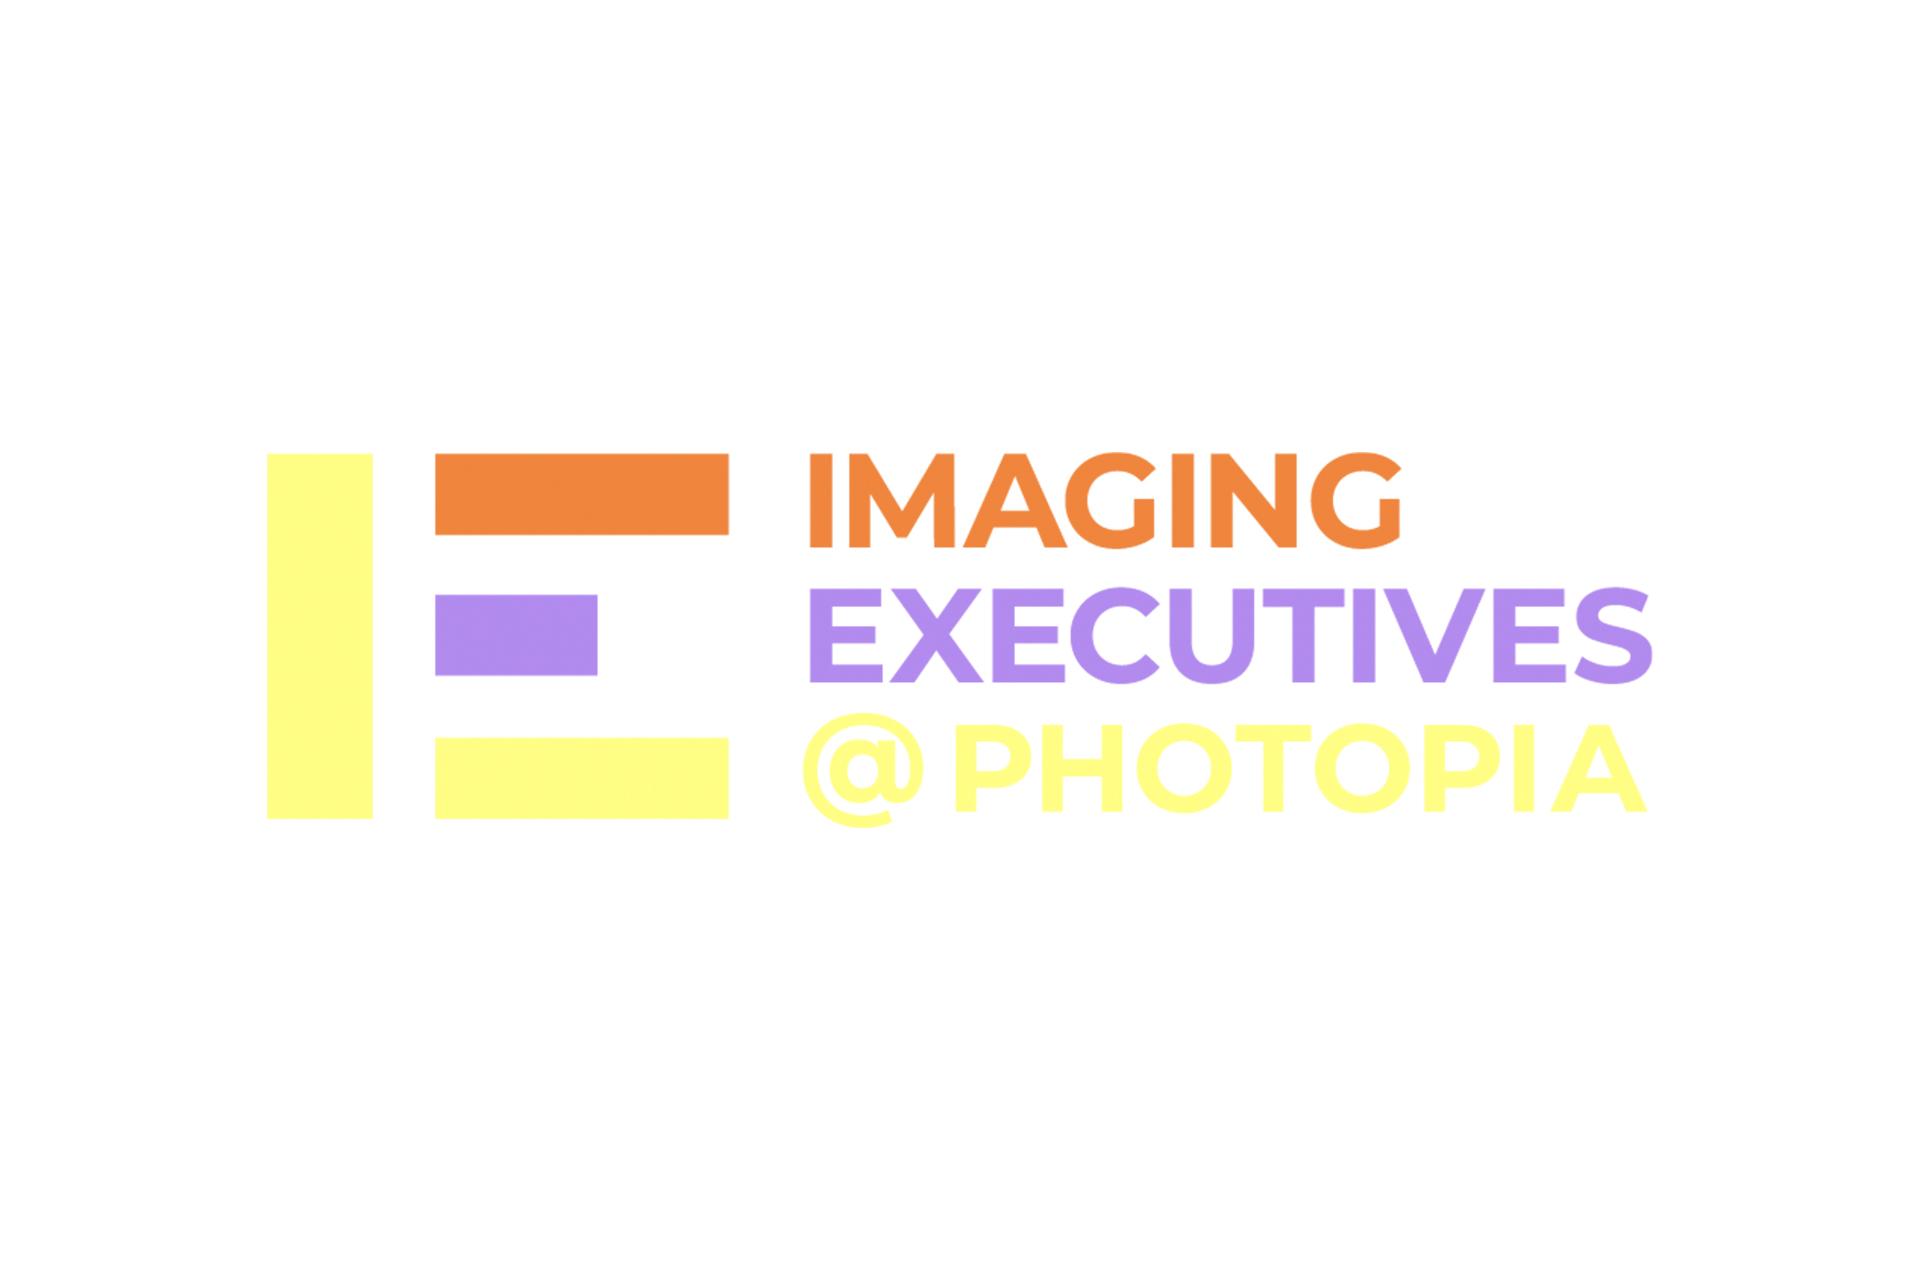 ImagingExecutives@PHOTOPIA